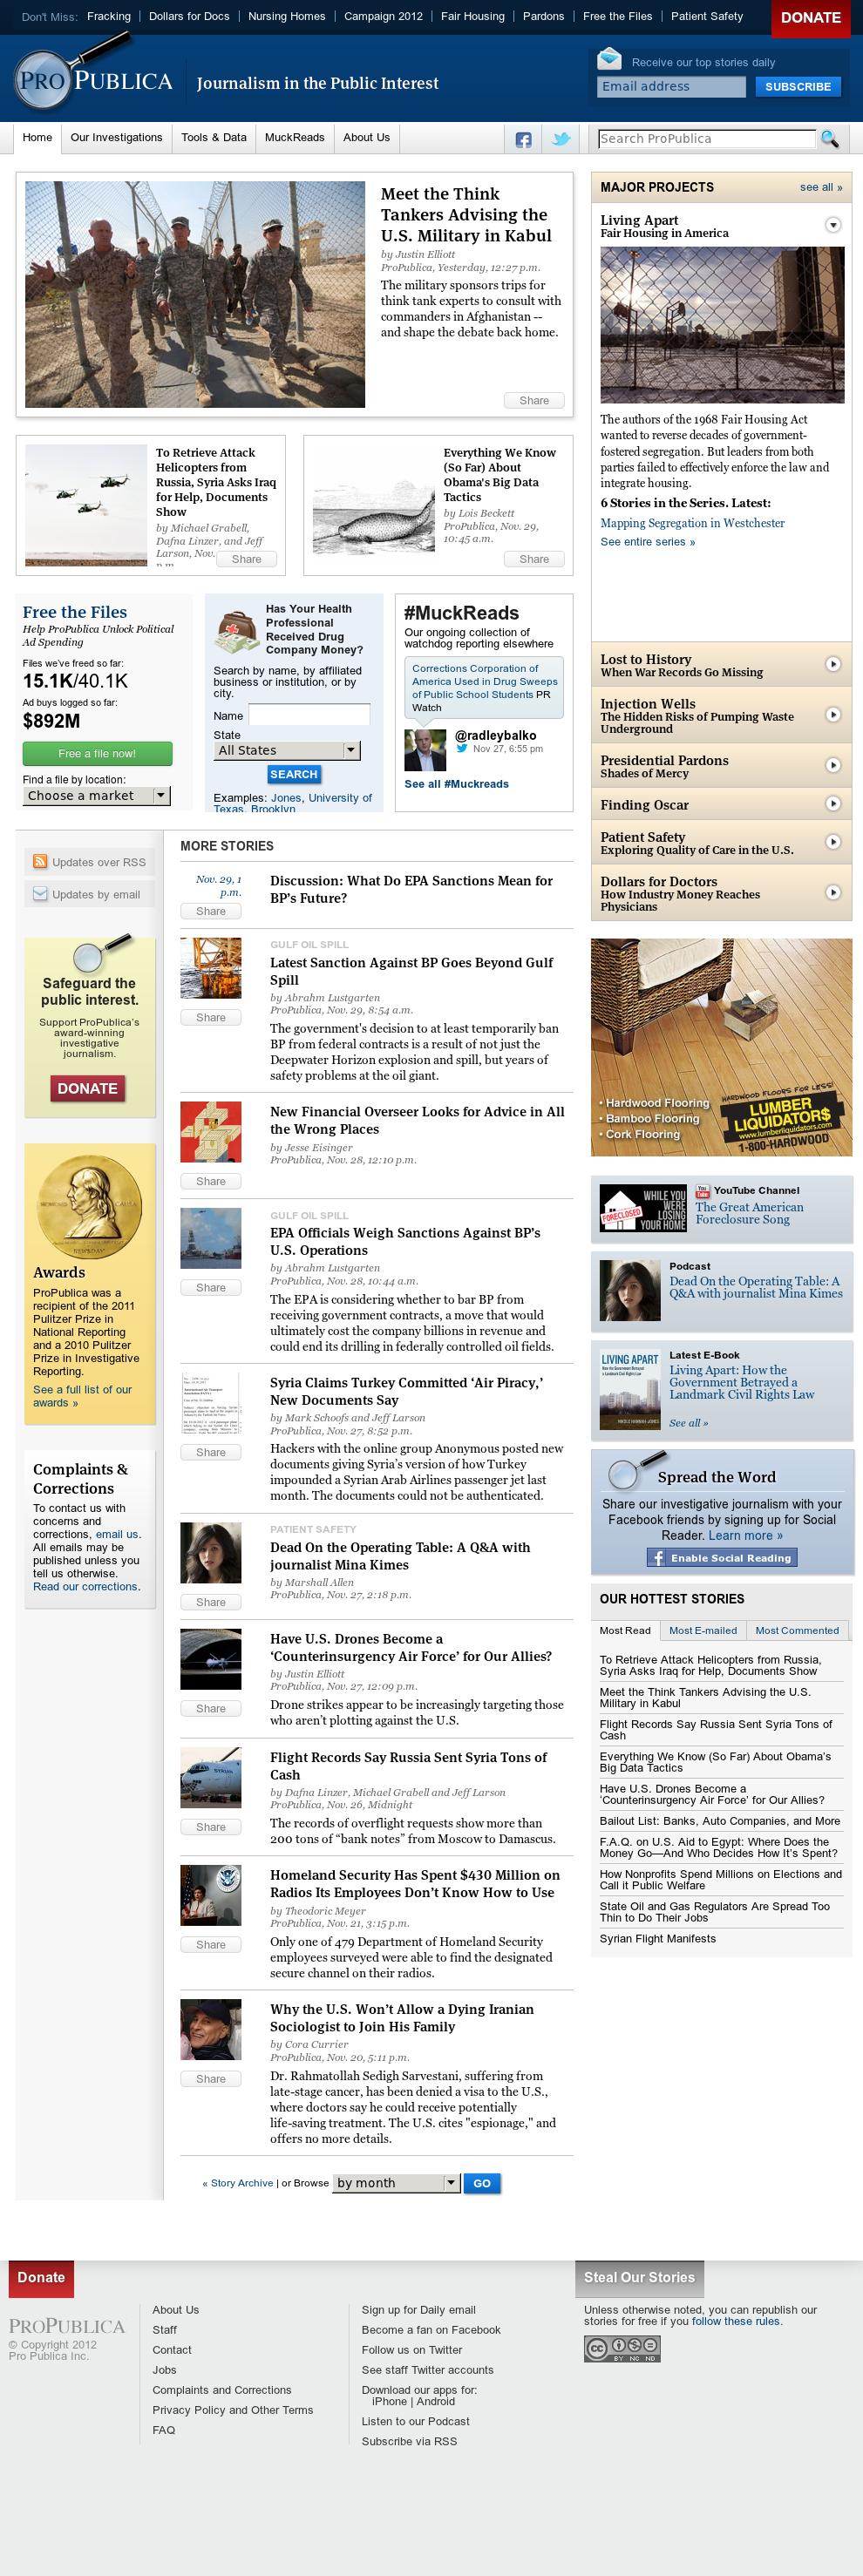 ProPublica at Saturday Dec. 1, 2012, 4:26 p.m. UTC